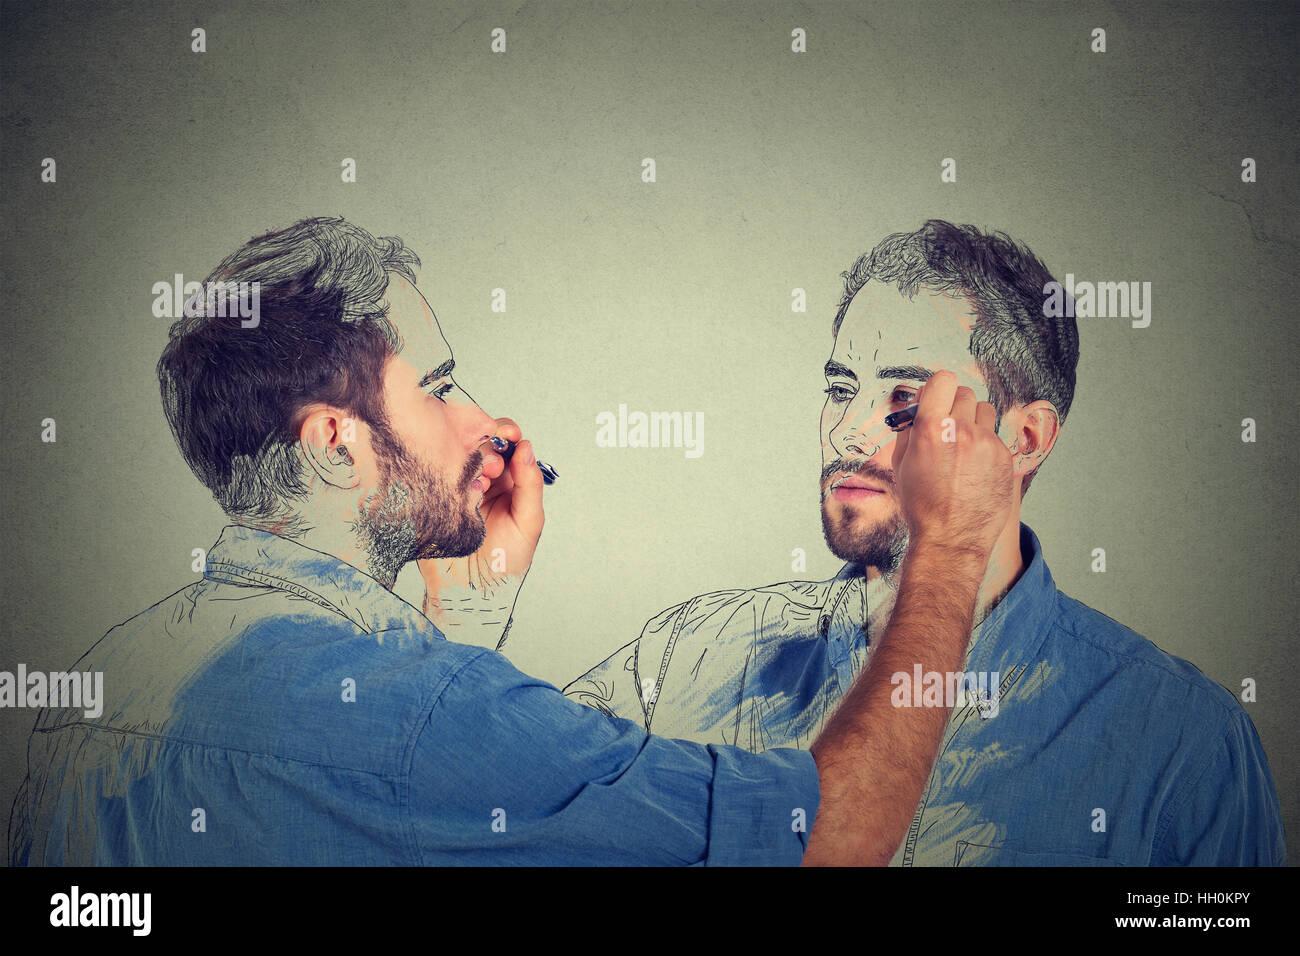 Crear usted mismo concepto. Guapo joven una imagen de dibujo, Boceto de sí mismo en la pared gris de fondo. Imagen De Stock